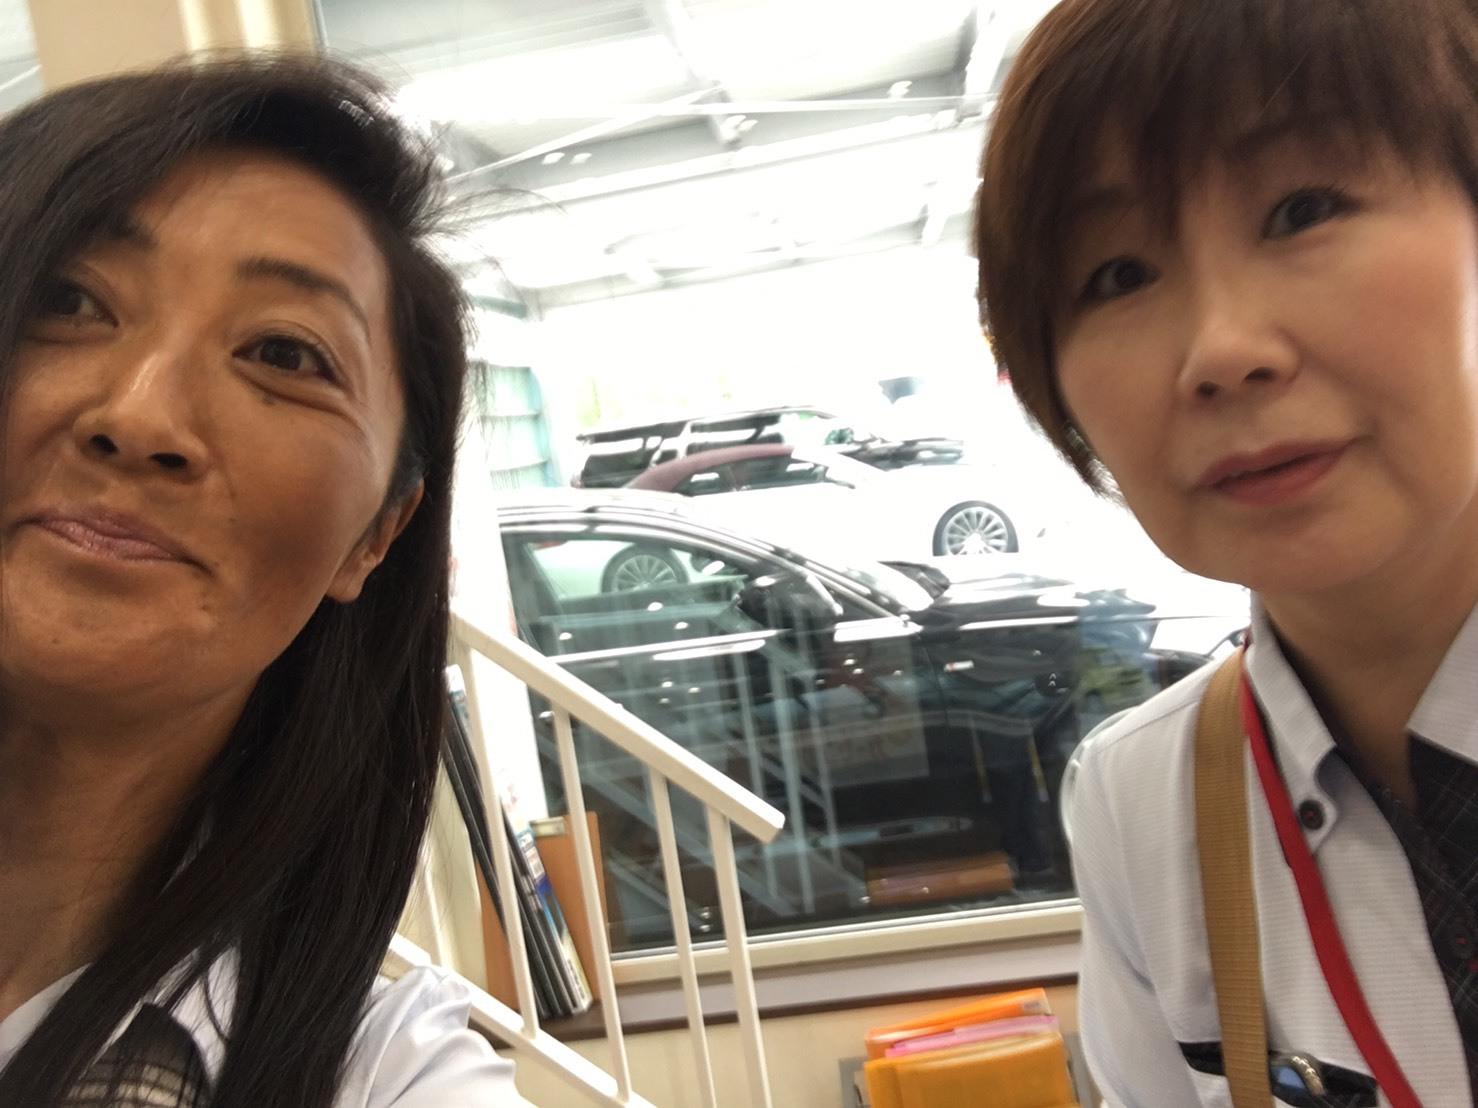 8月29日(木)☆新車エスカレードあります♡ランクル ハマー ハイエース♡TOMMY♡_b0127002_18001209.jpg